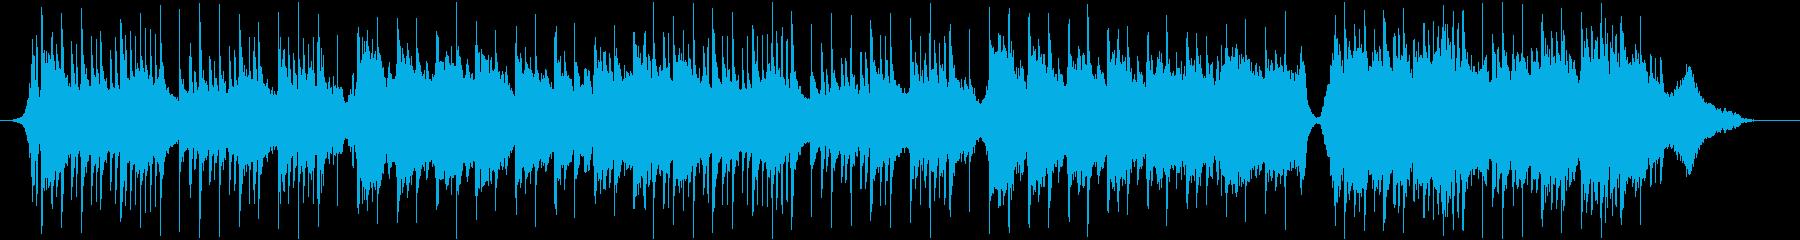 箏のメロディで和風なゆったりとした曲の再生済みの波形